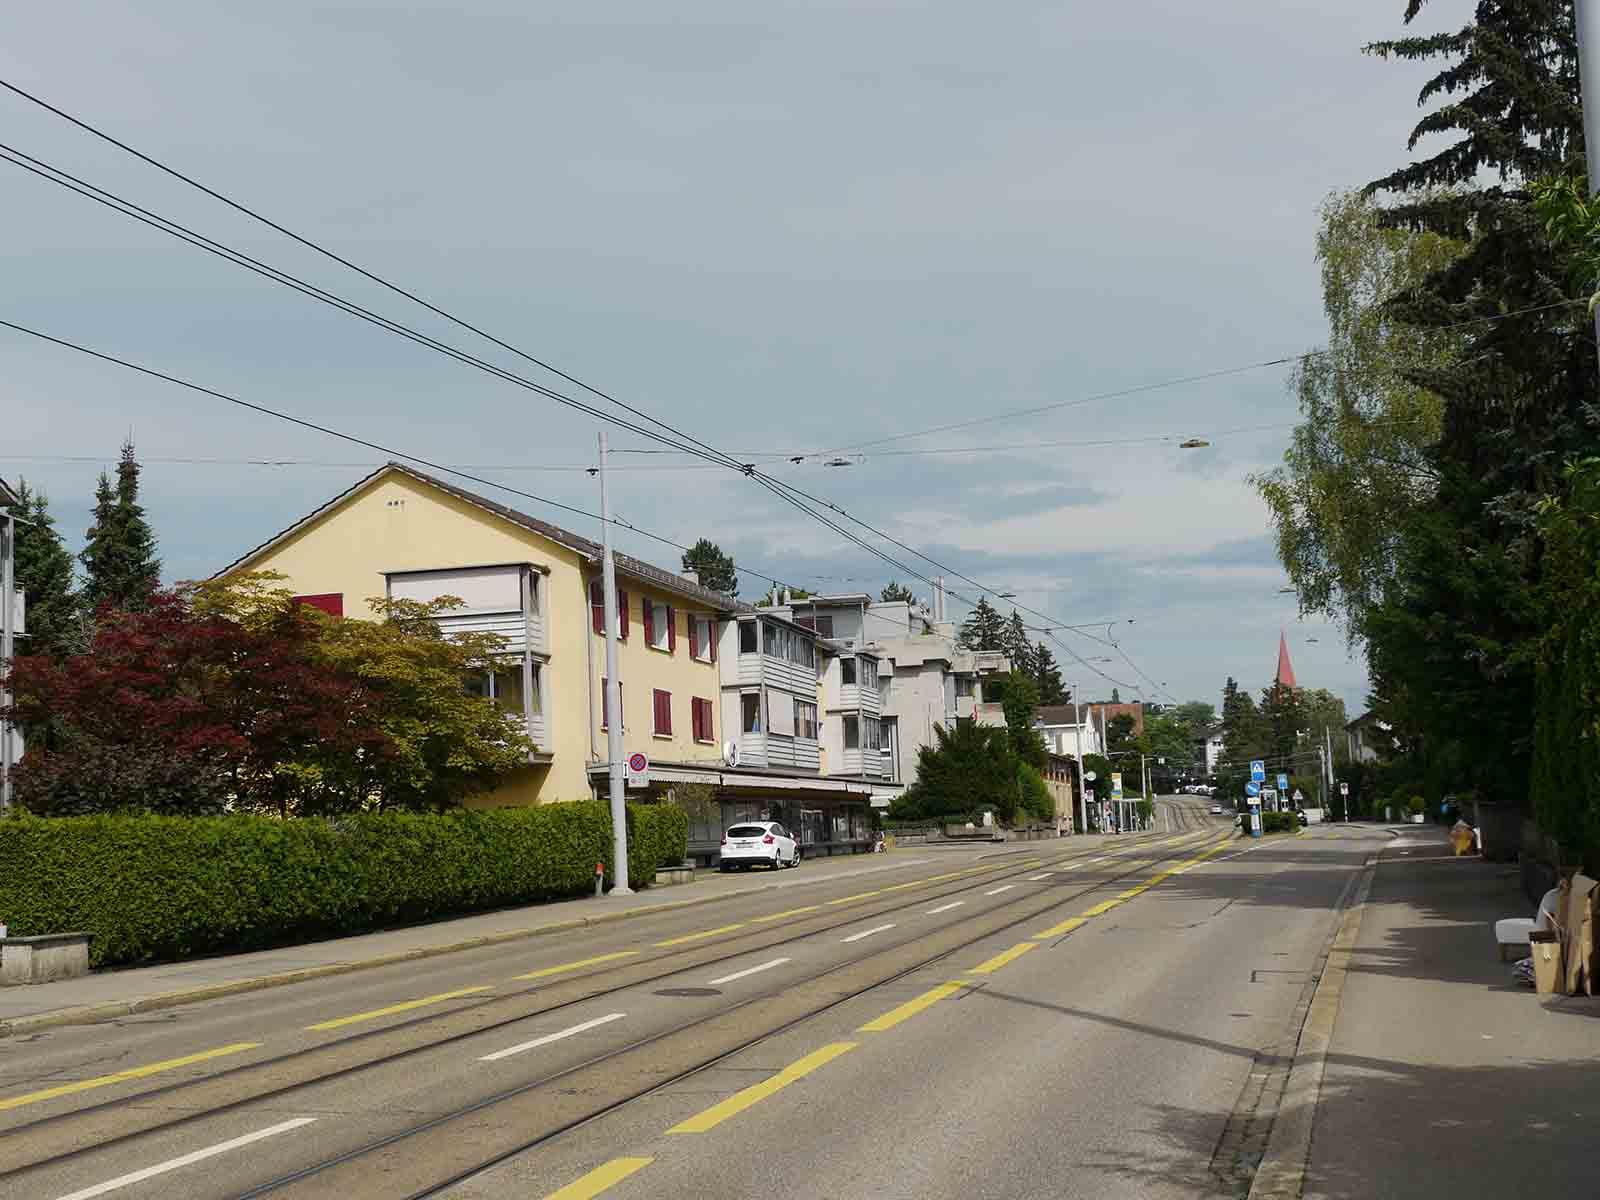 Ab 2. Juli bis Mitte Dezember wird die Limmattalstrasse ab Wartau bis Winzerstrasse saniert. Die Geschäfte bei der Wartau bleiben immer erreichbar.